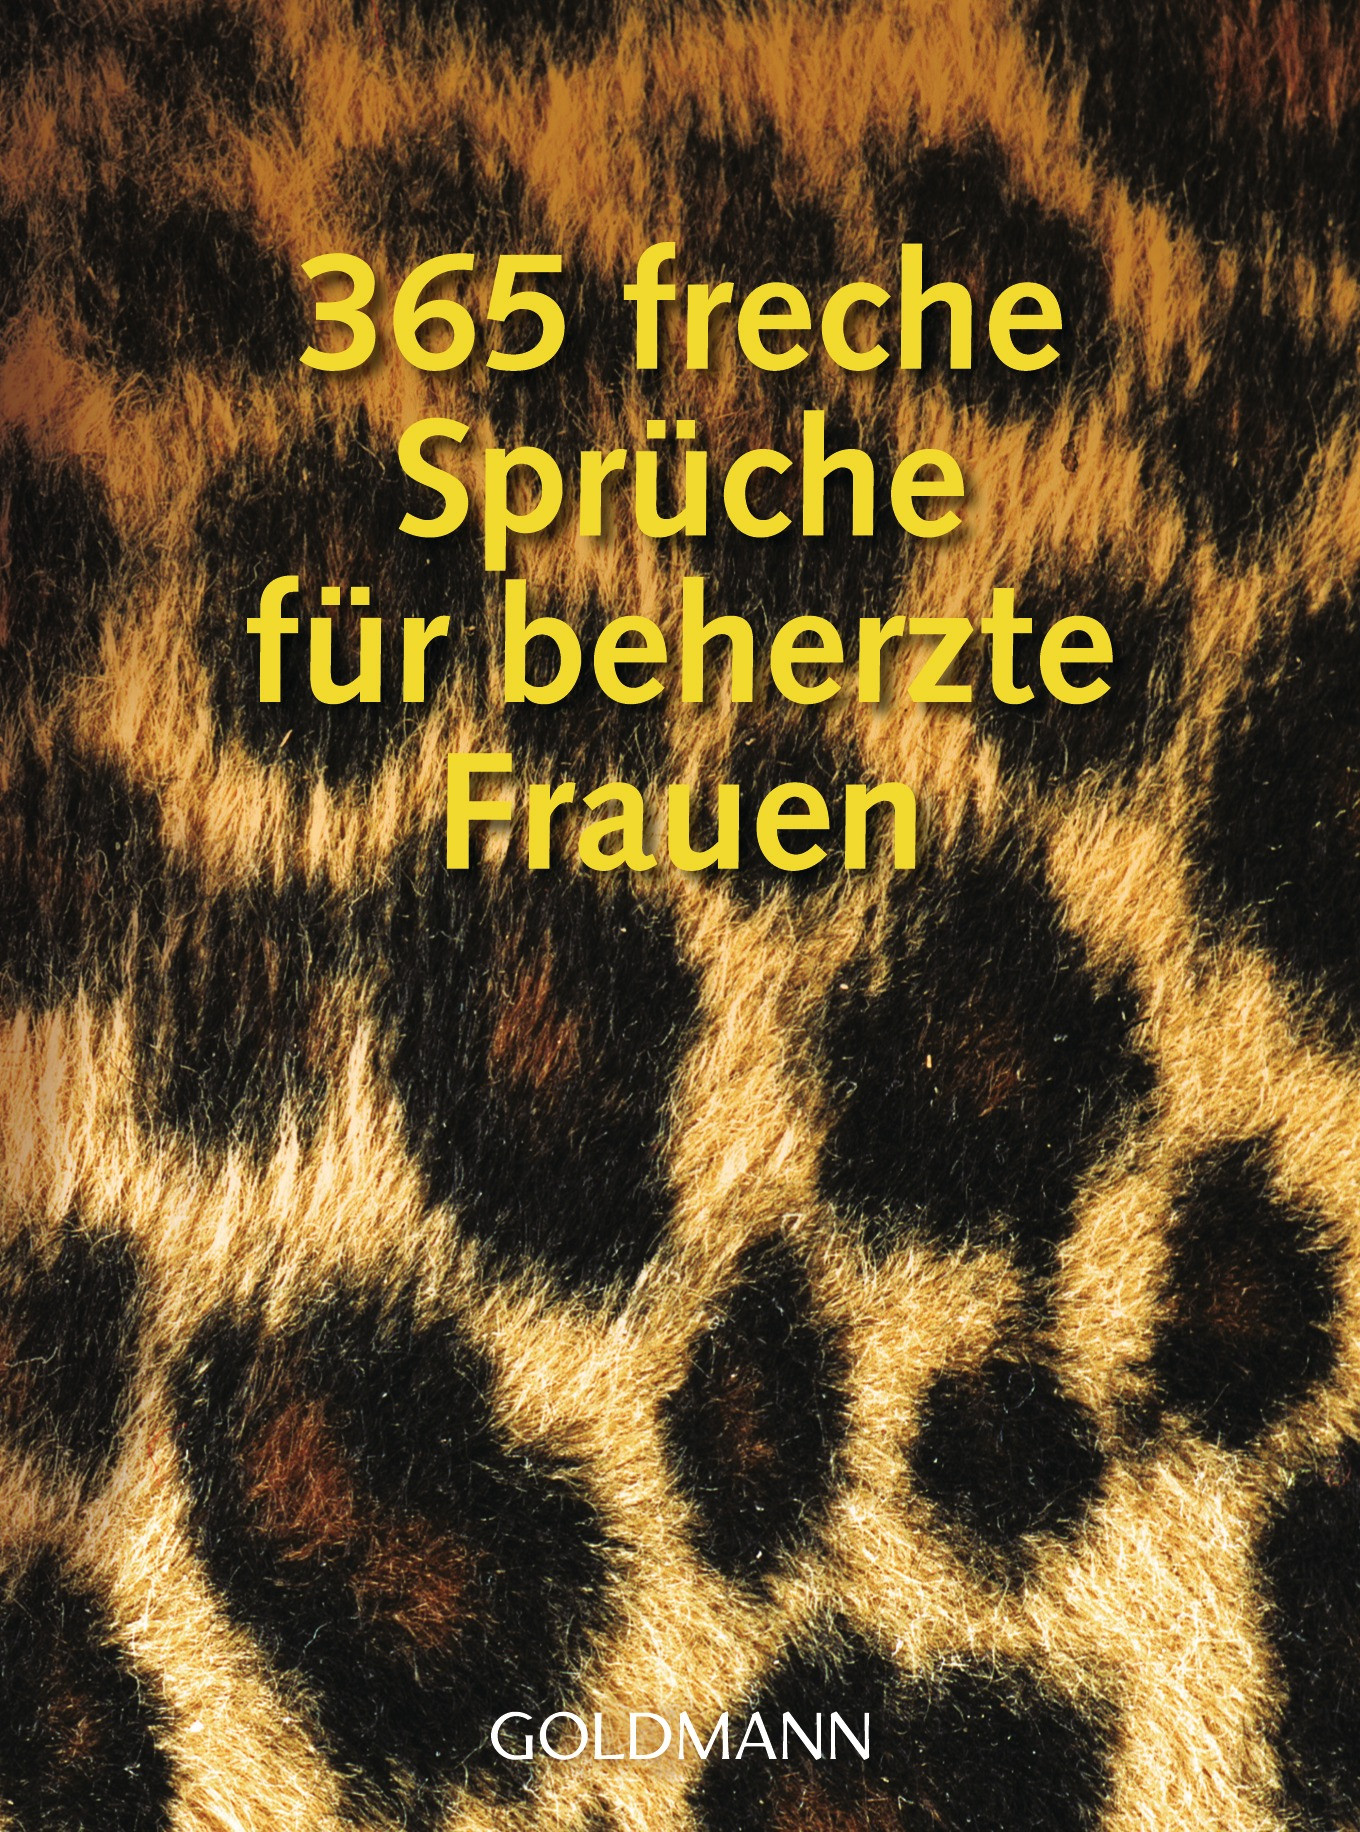 Freche Geburtstagswünsche Für Frauen  Pia Stroom 365 freche Sprüche für beherzte Frauen